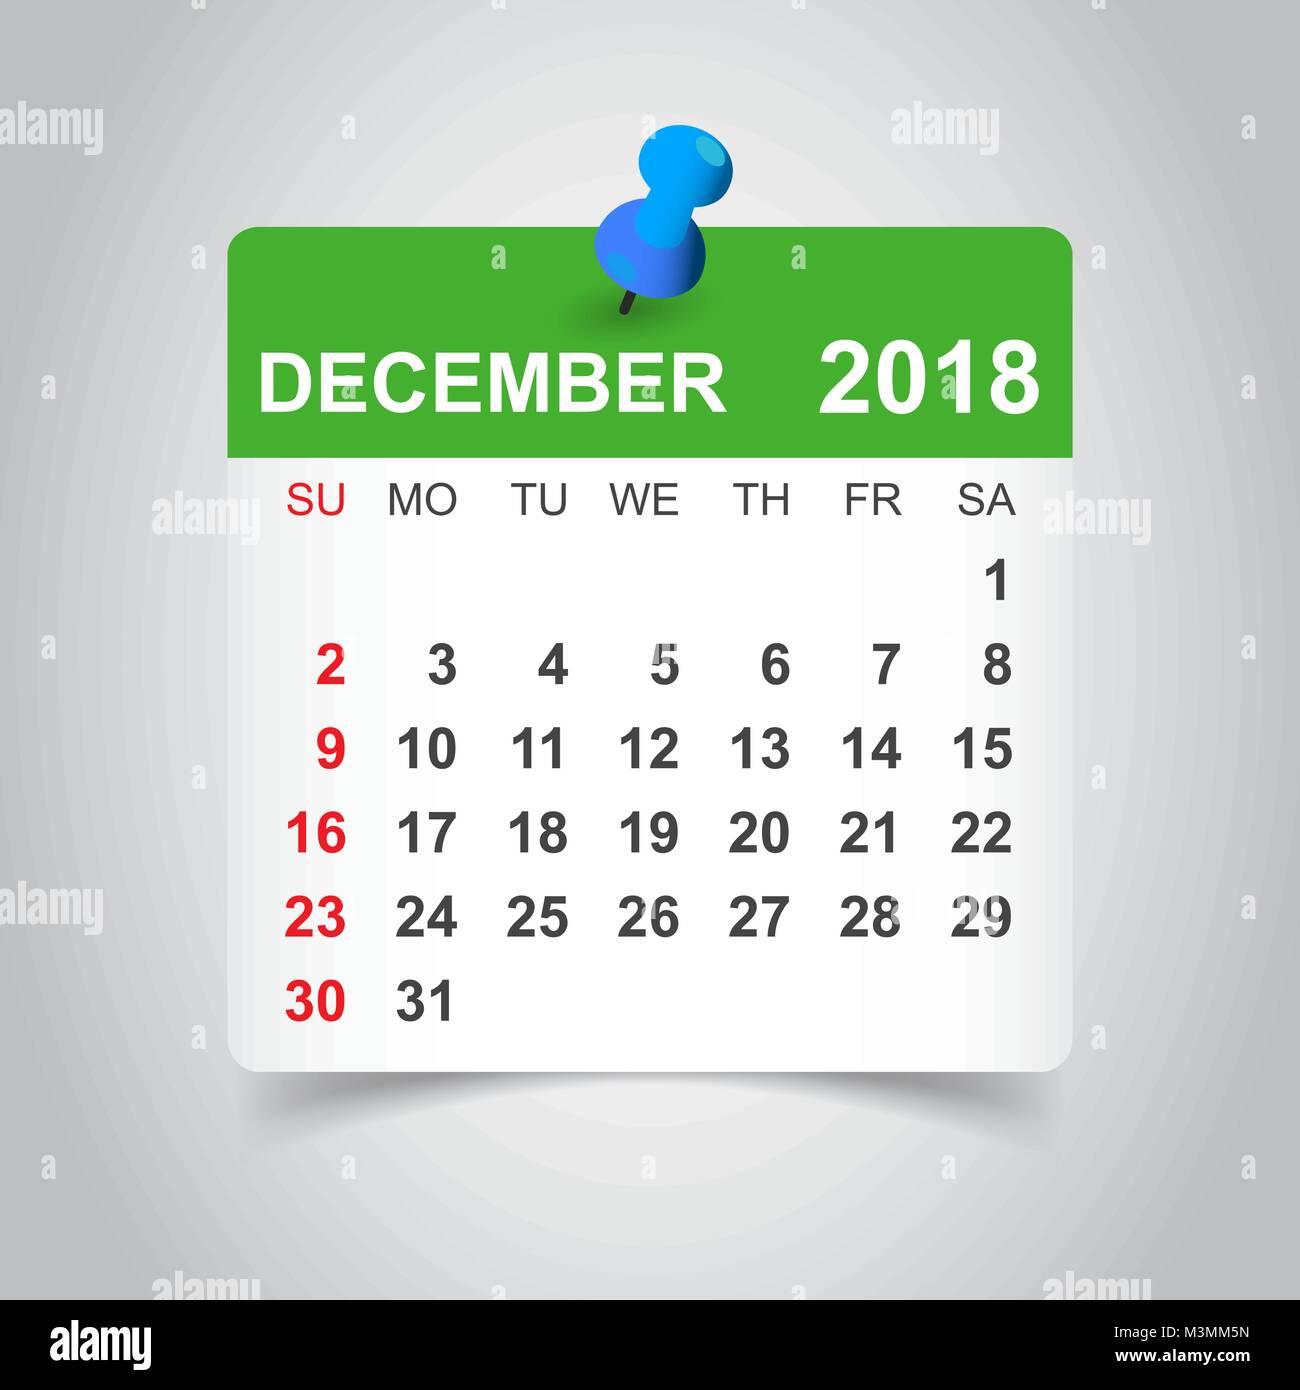 december 2018 calendar calendar sticker design template week